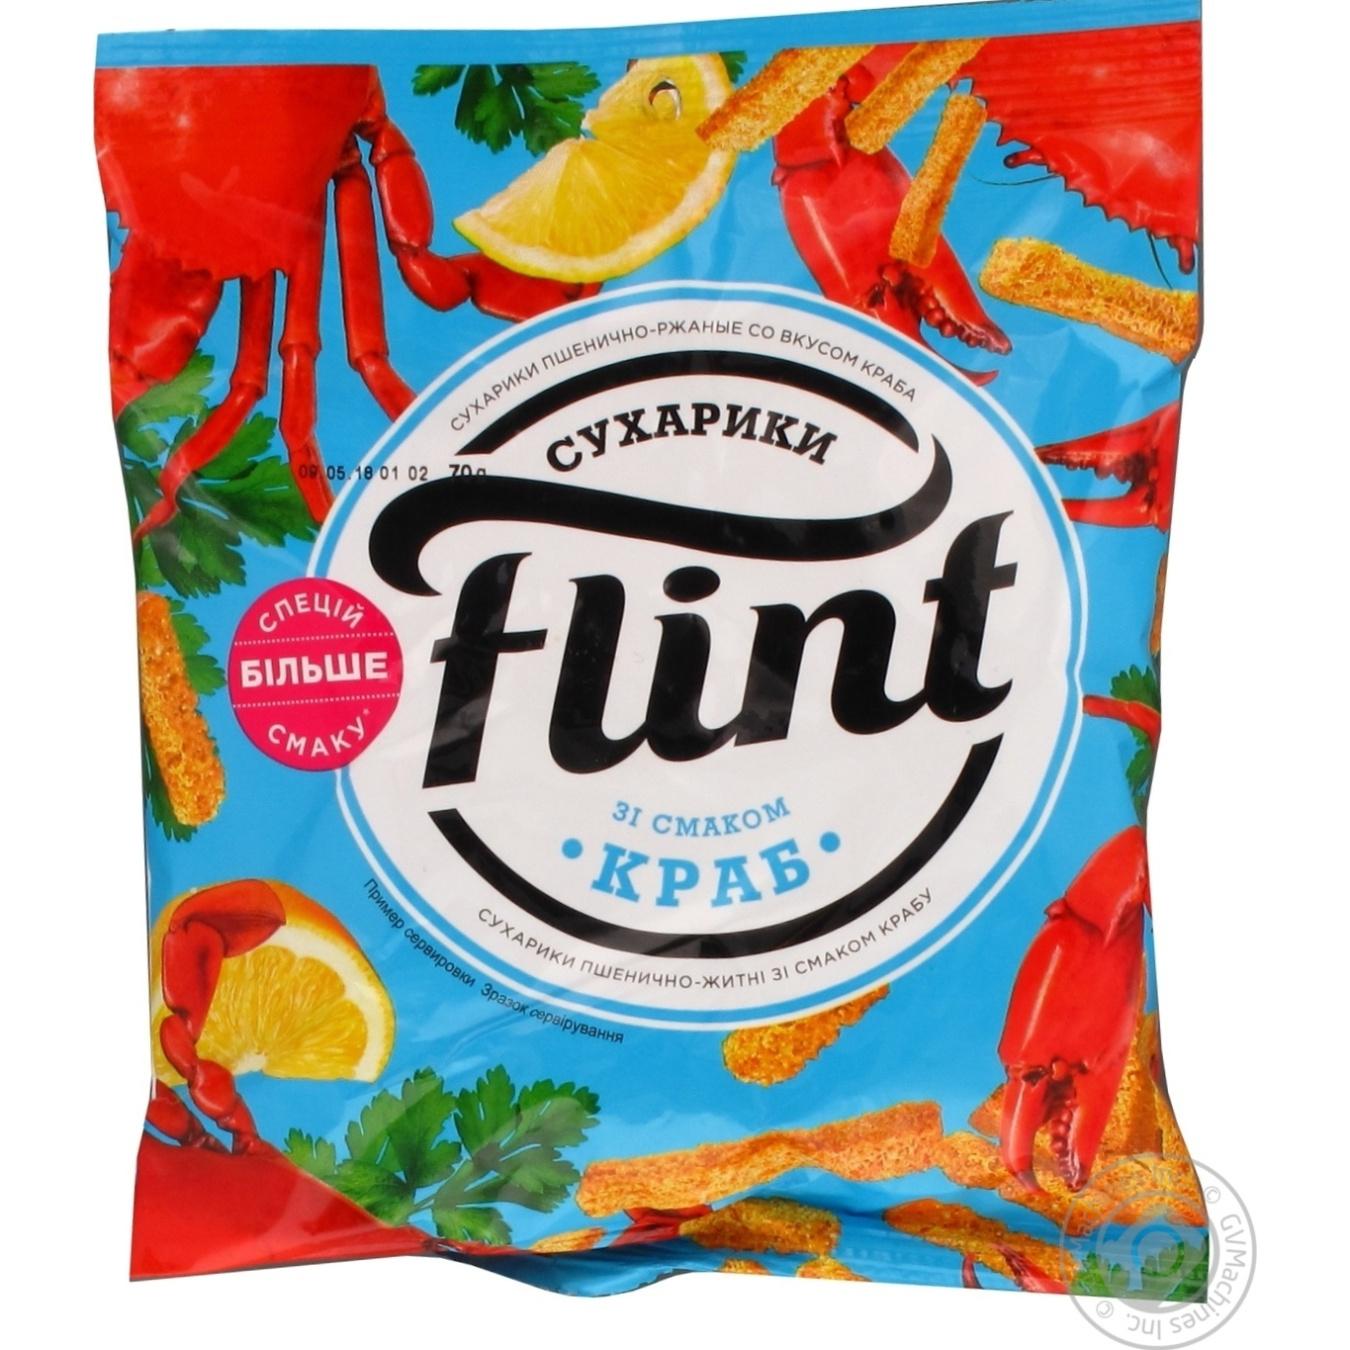 Купить Сухарики Flint пшенично-ржаные со вкусом краба 70г